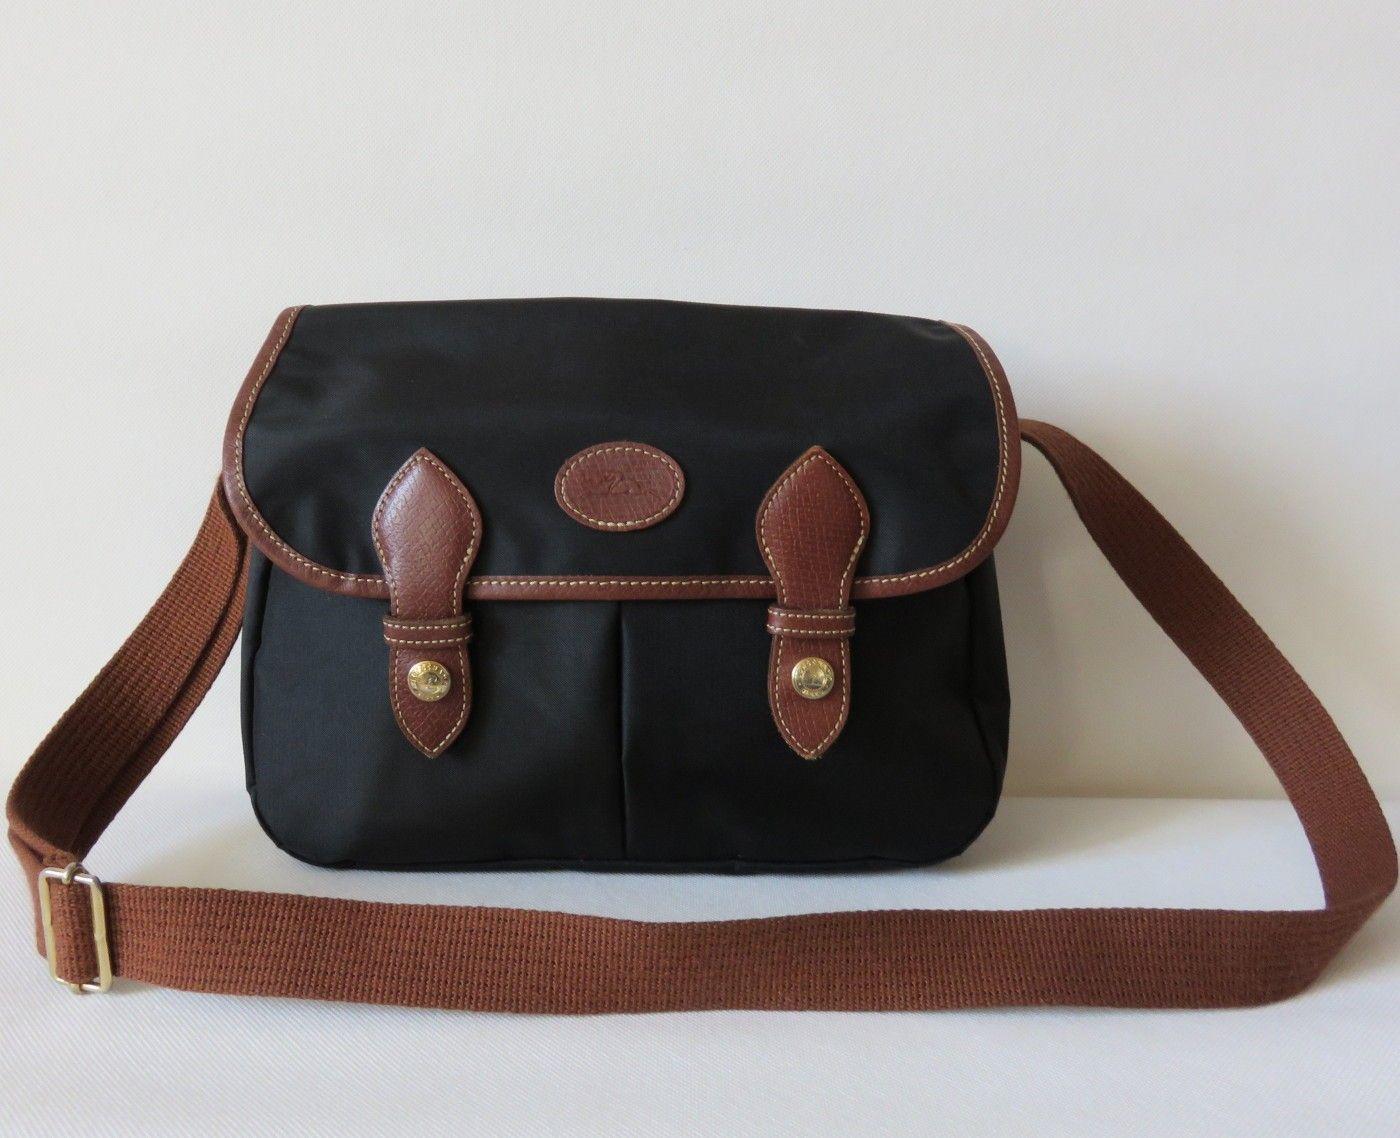 Épinglé sur sac et accessoires aupetitb